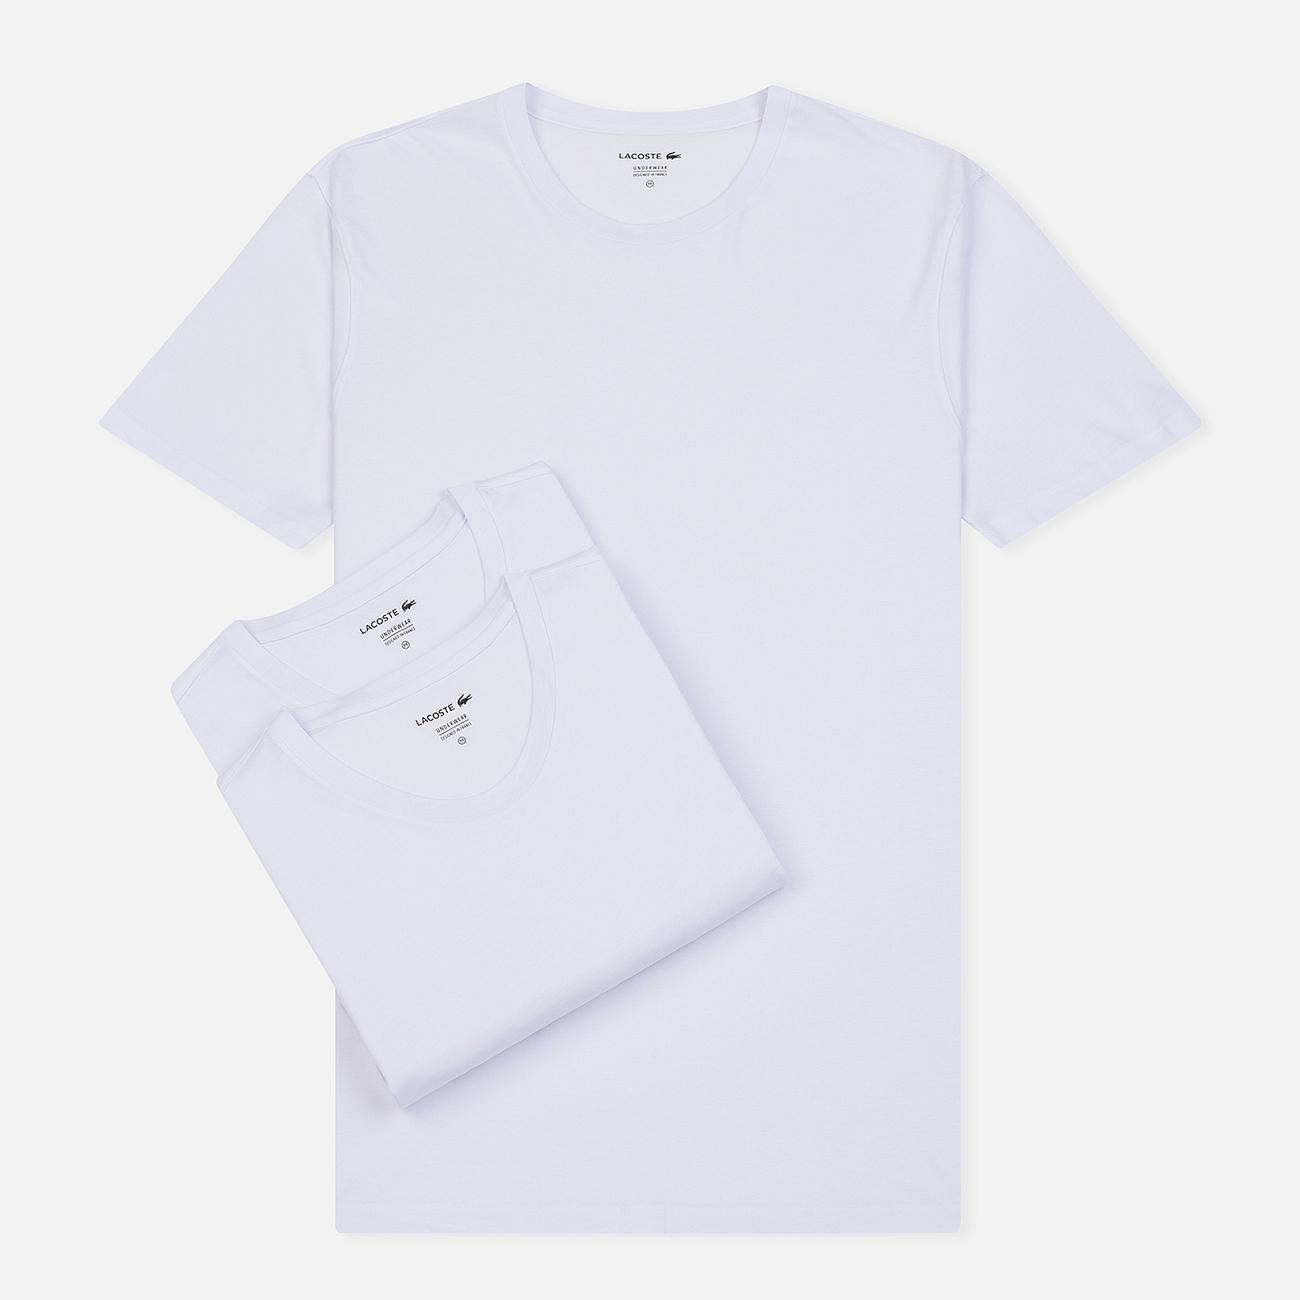 Комплект мужских футболок Lacoste Underwear 3-Pack Classic Fit Crew Neck White